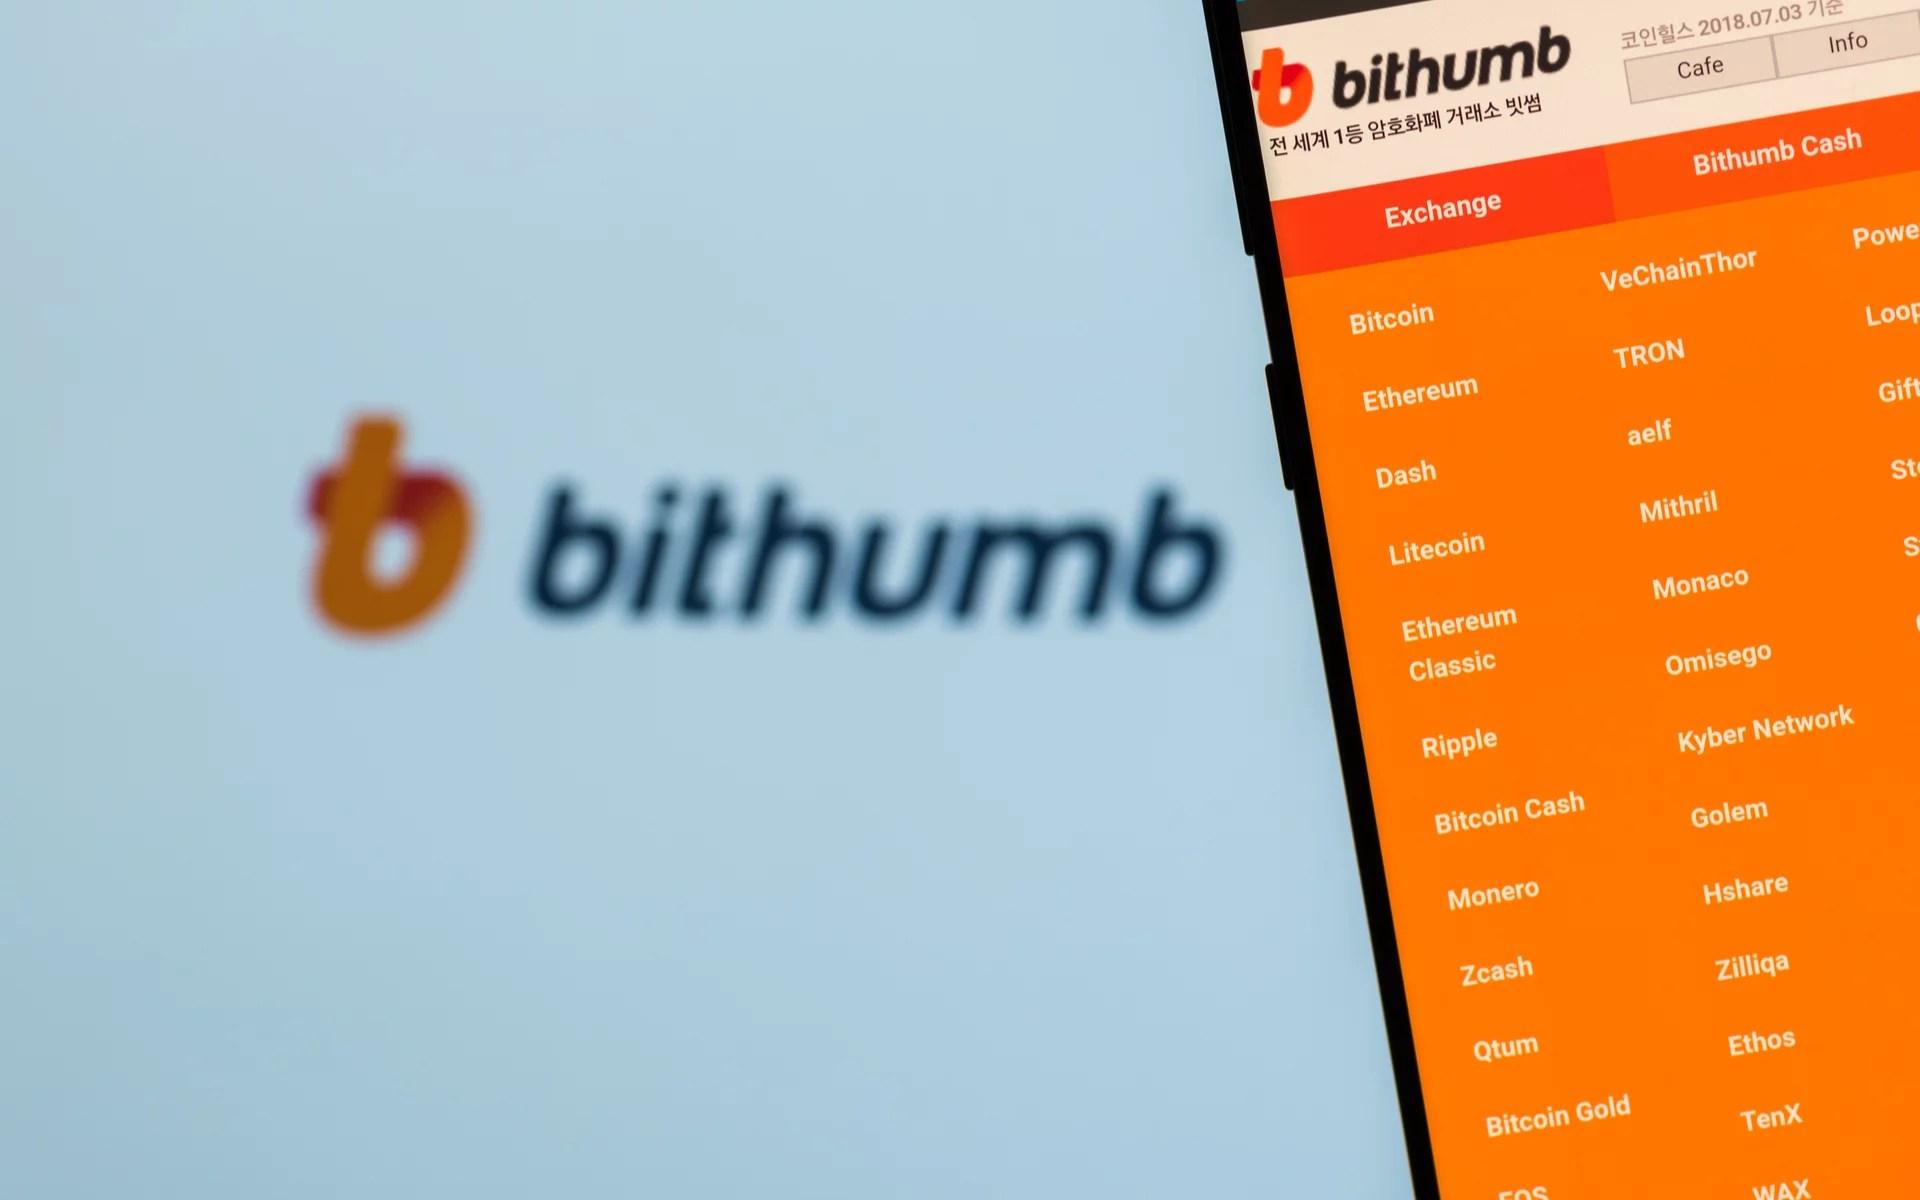 Intercambio criptográfico Bithumb lanzó una mesa de operaciones de ventas libres para activos digitales